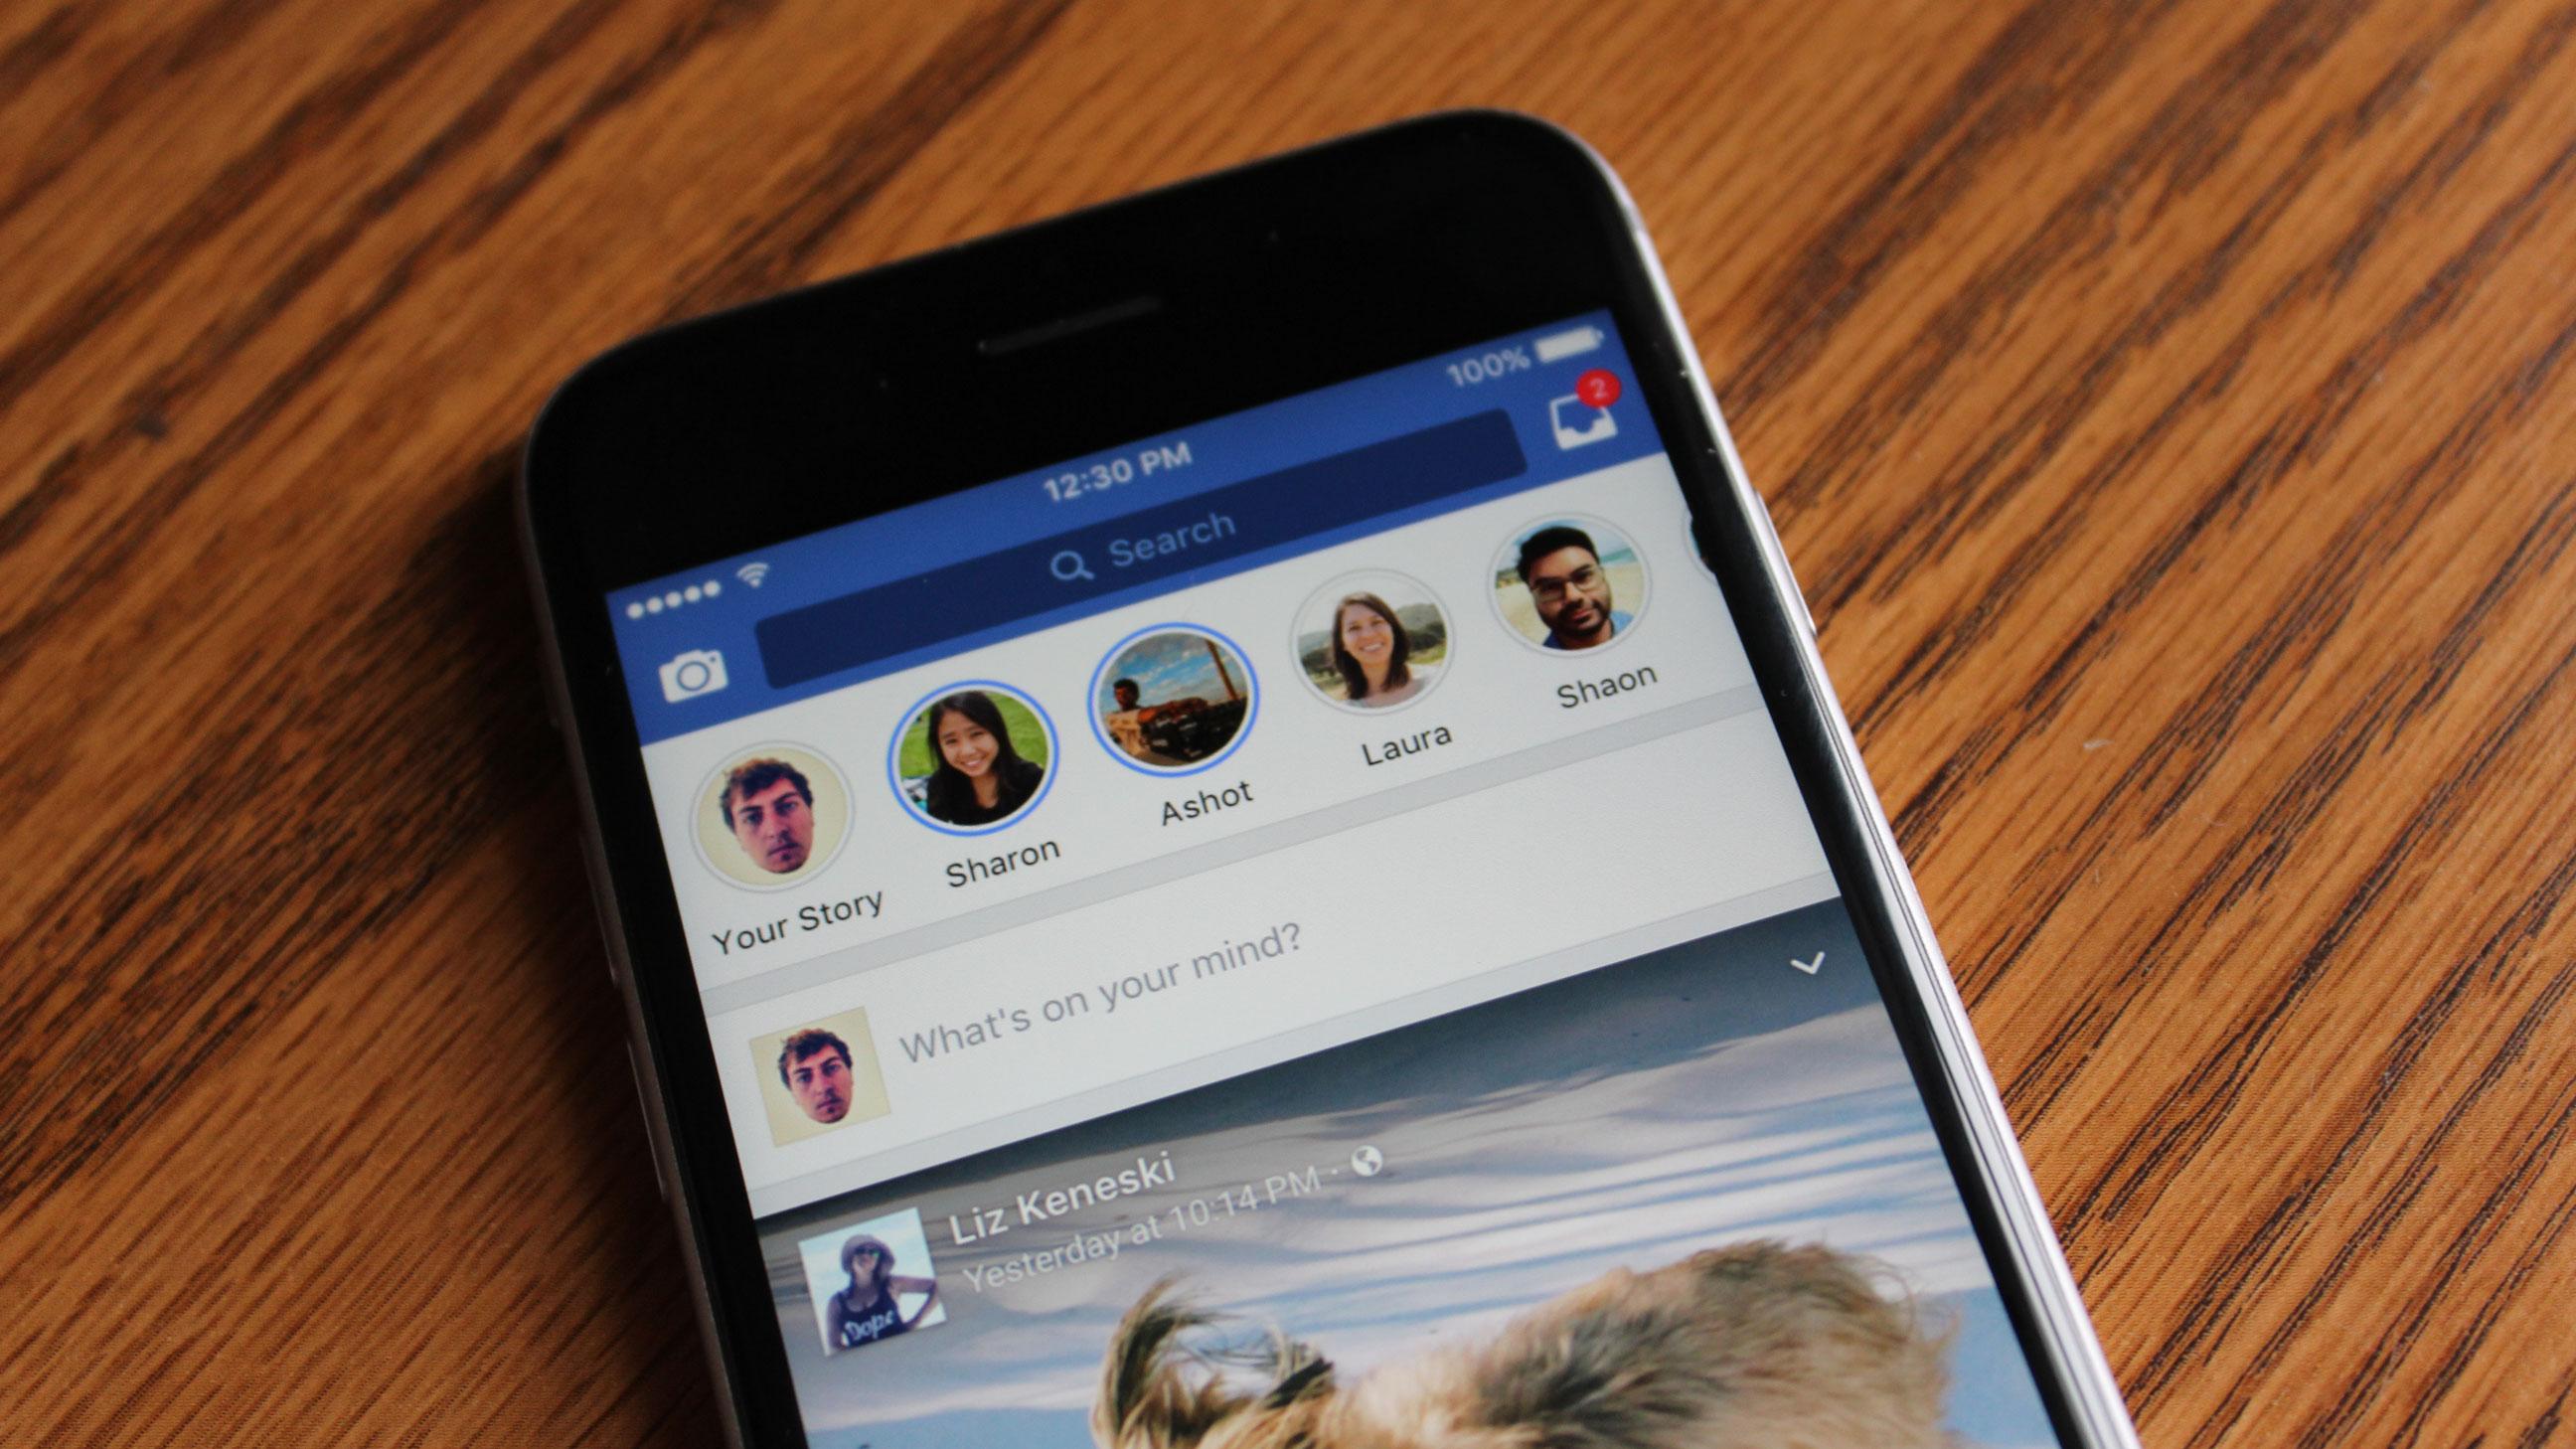 Los pre-roll ads llegan a los vídeos en Facebook